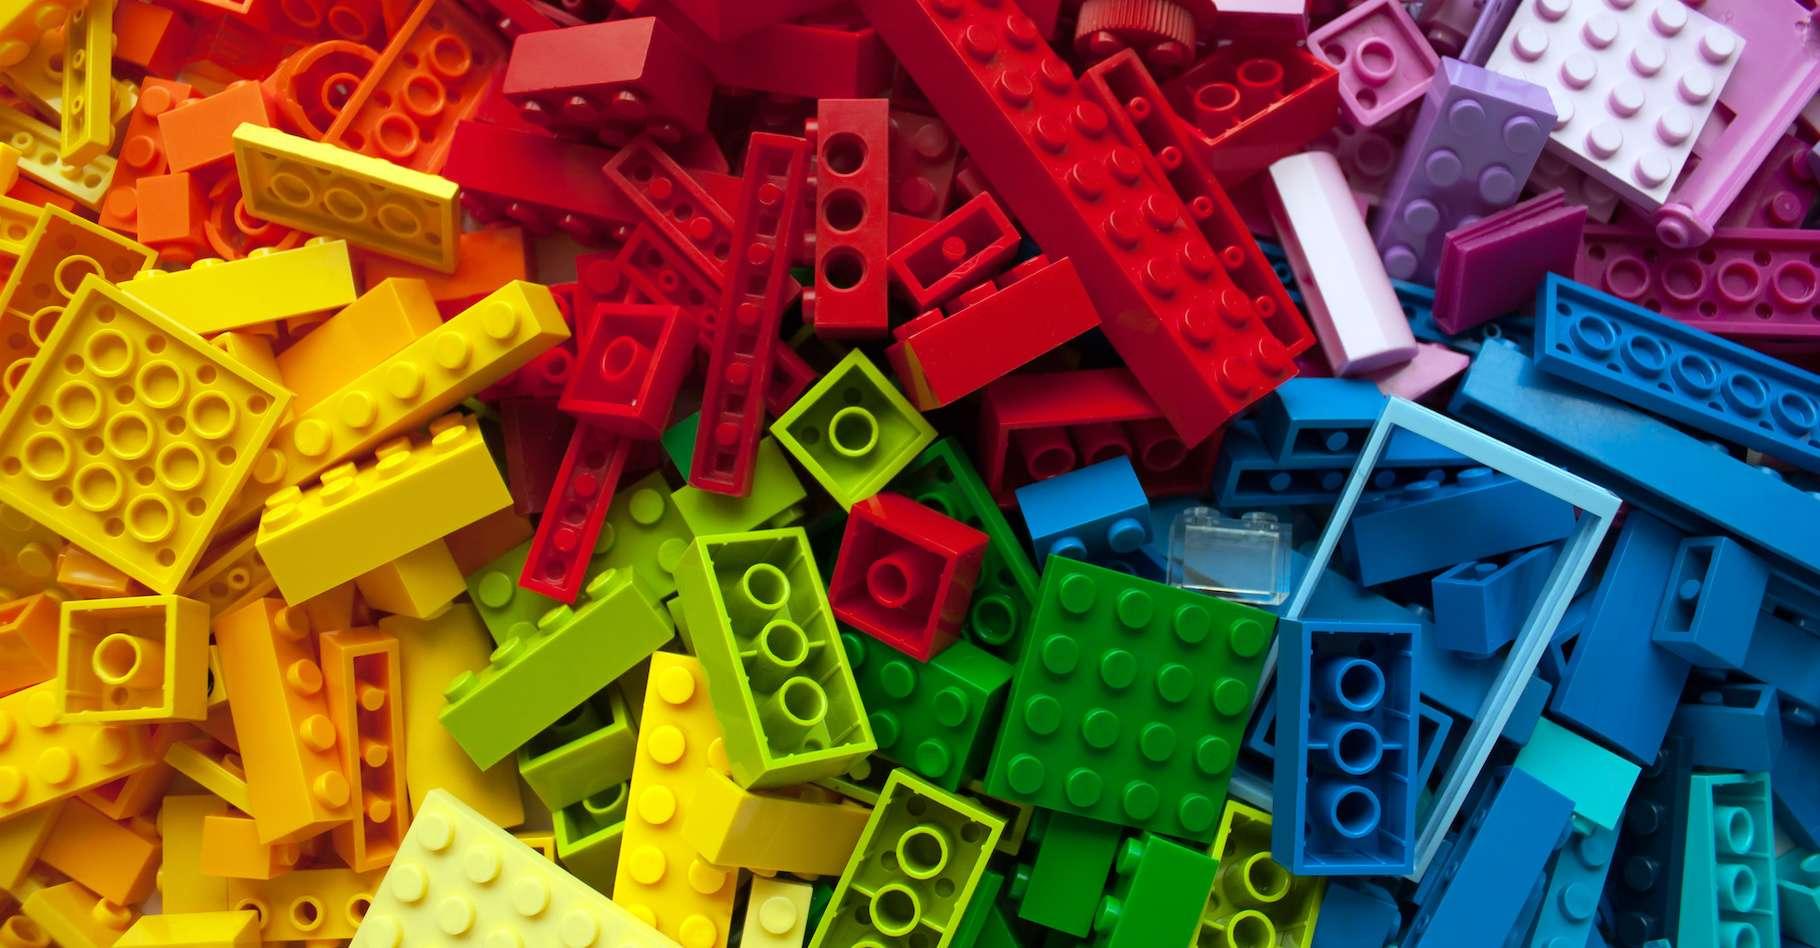 Au cours de leur développement, les Lego® ont été soumis à de nombreux tests de résistance. Aujourd'hui, des chercheurs de l'université de Lancaster (Royaume-Uni) ont tenté de les refroidir à des températures extrêmes. © Tatsiana, Adobe Stock